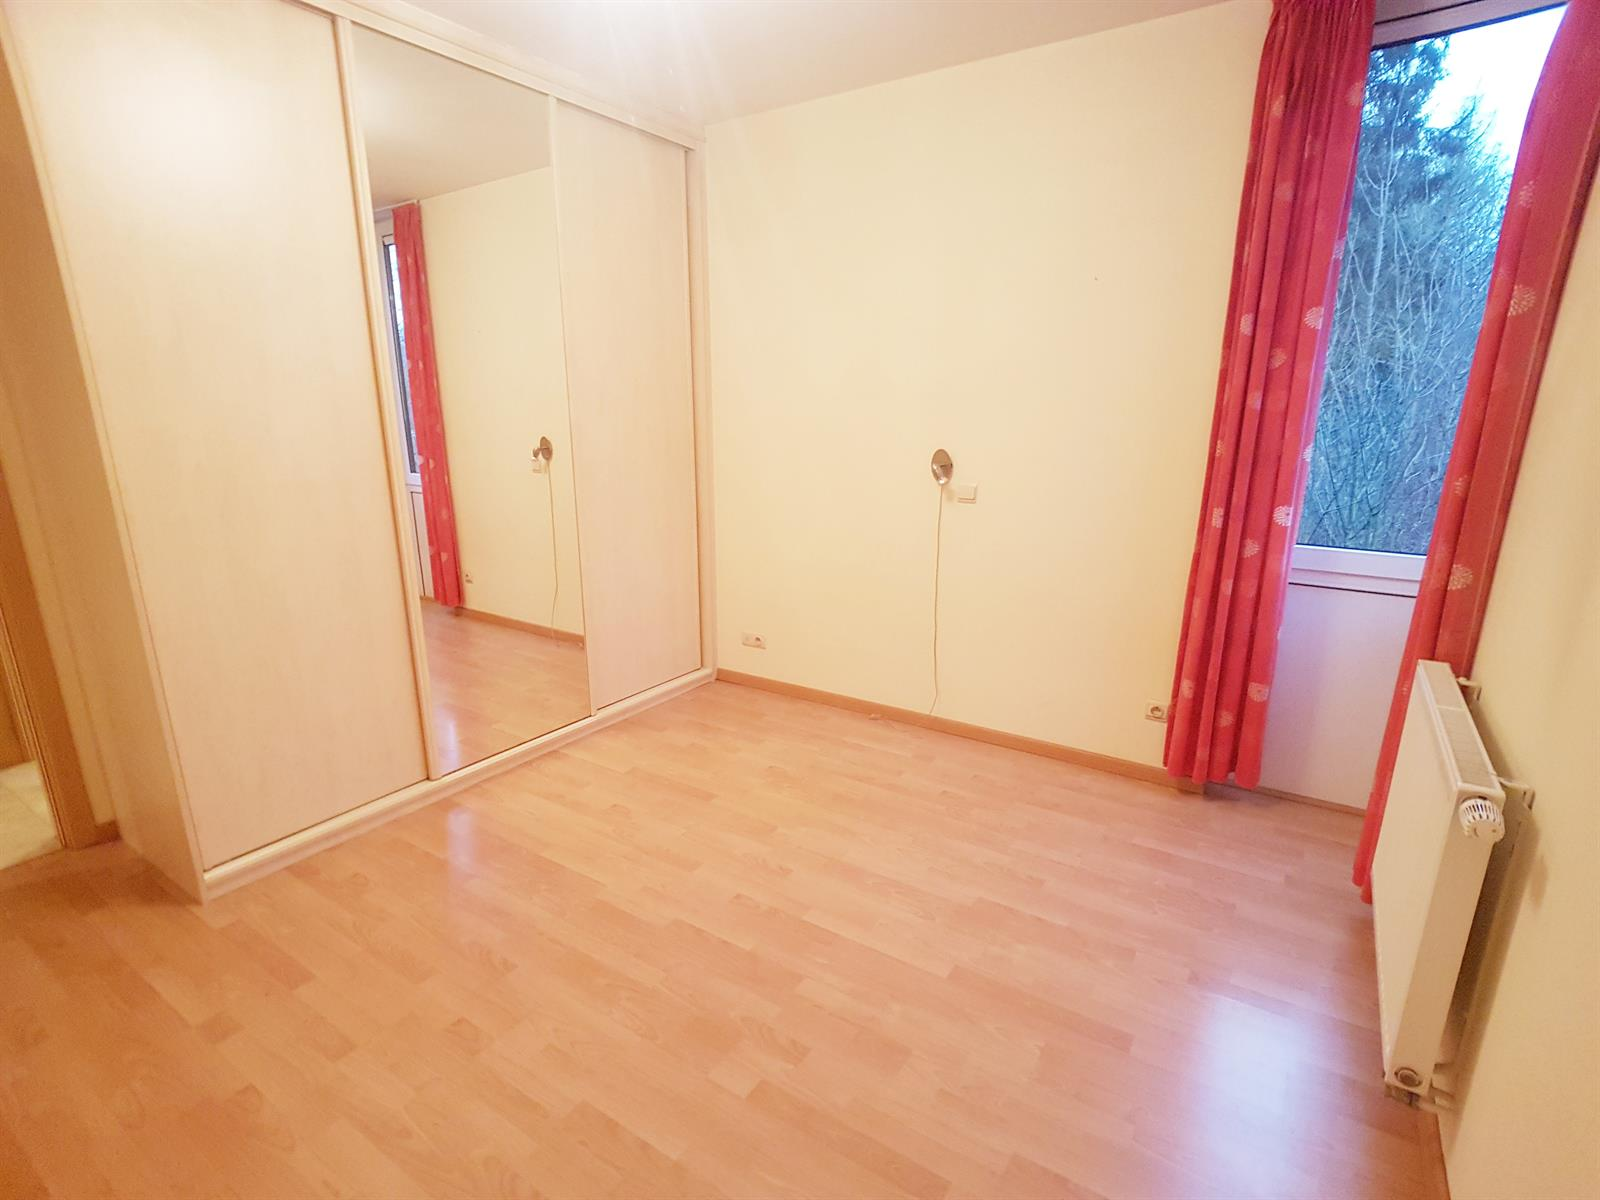 Appartement - Ottignies-Louvain-la-Neuve - #4254648-9